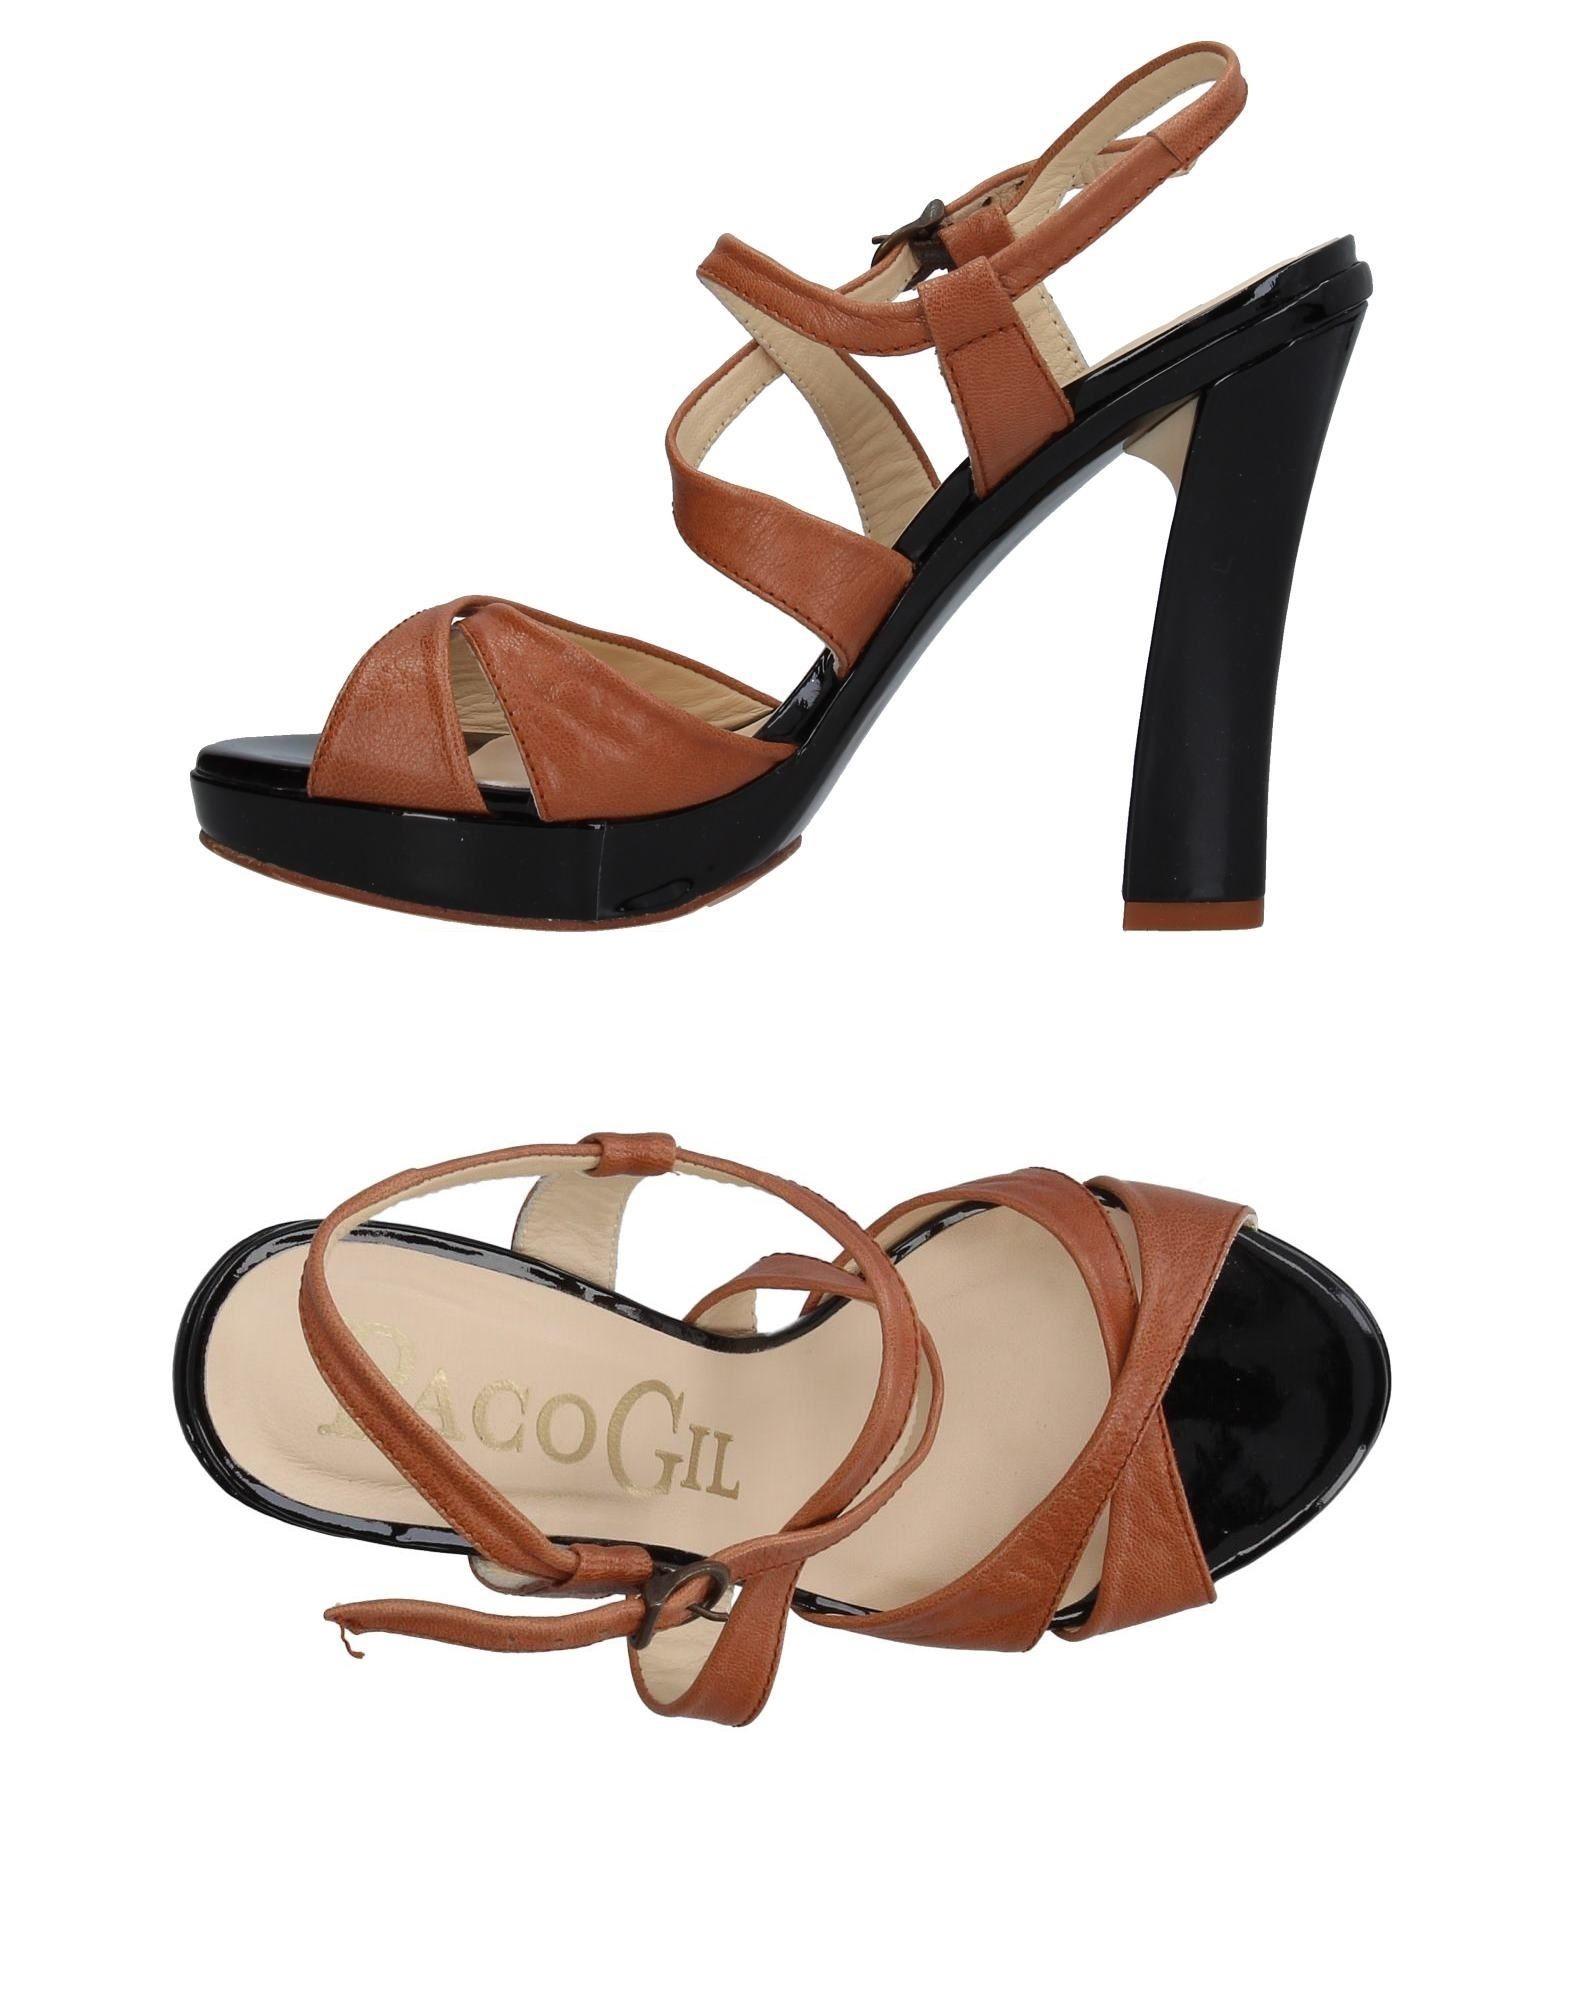 Paco Gil Sandalen Damen  11402980IA Gute Qualität beliebte Schuhe